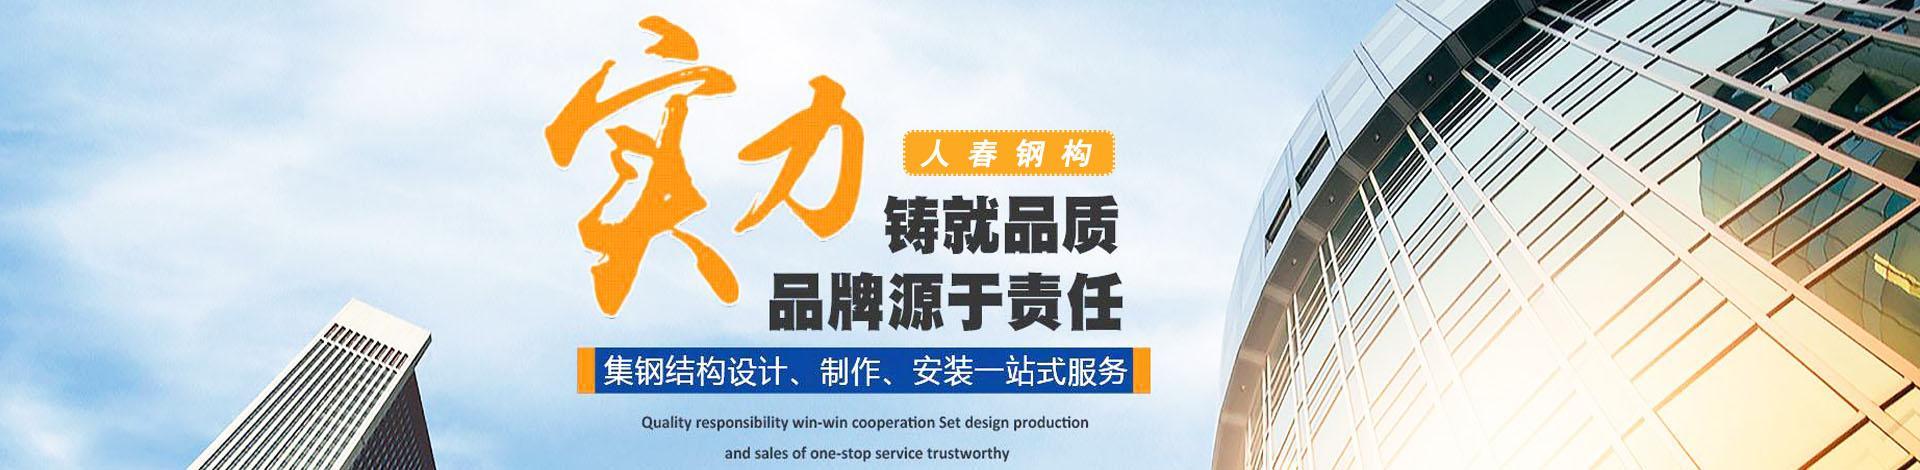 人春钢构|实力铸就品质,品牌源于责任